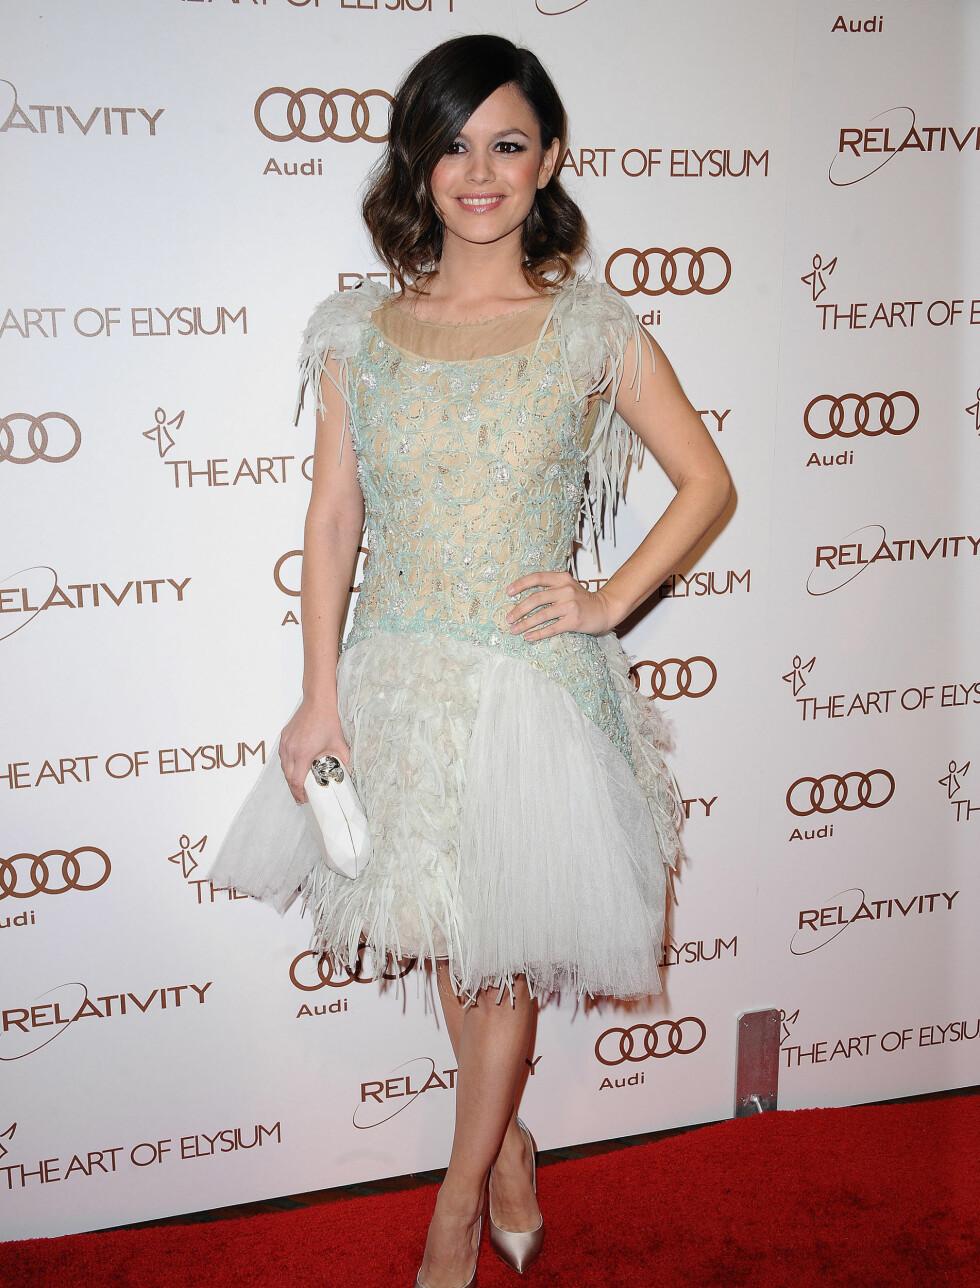 VAKKER: Rachel Bilson (30) var en av få som stilte i knekort kjole på den røde løperen. Til den vakre eventyrfe-aktige kjolen har Rachel gått for Chanel-klutch og Casadei-hæler. Foto: Stella Pictures